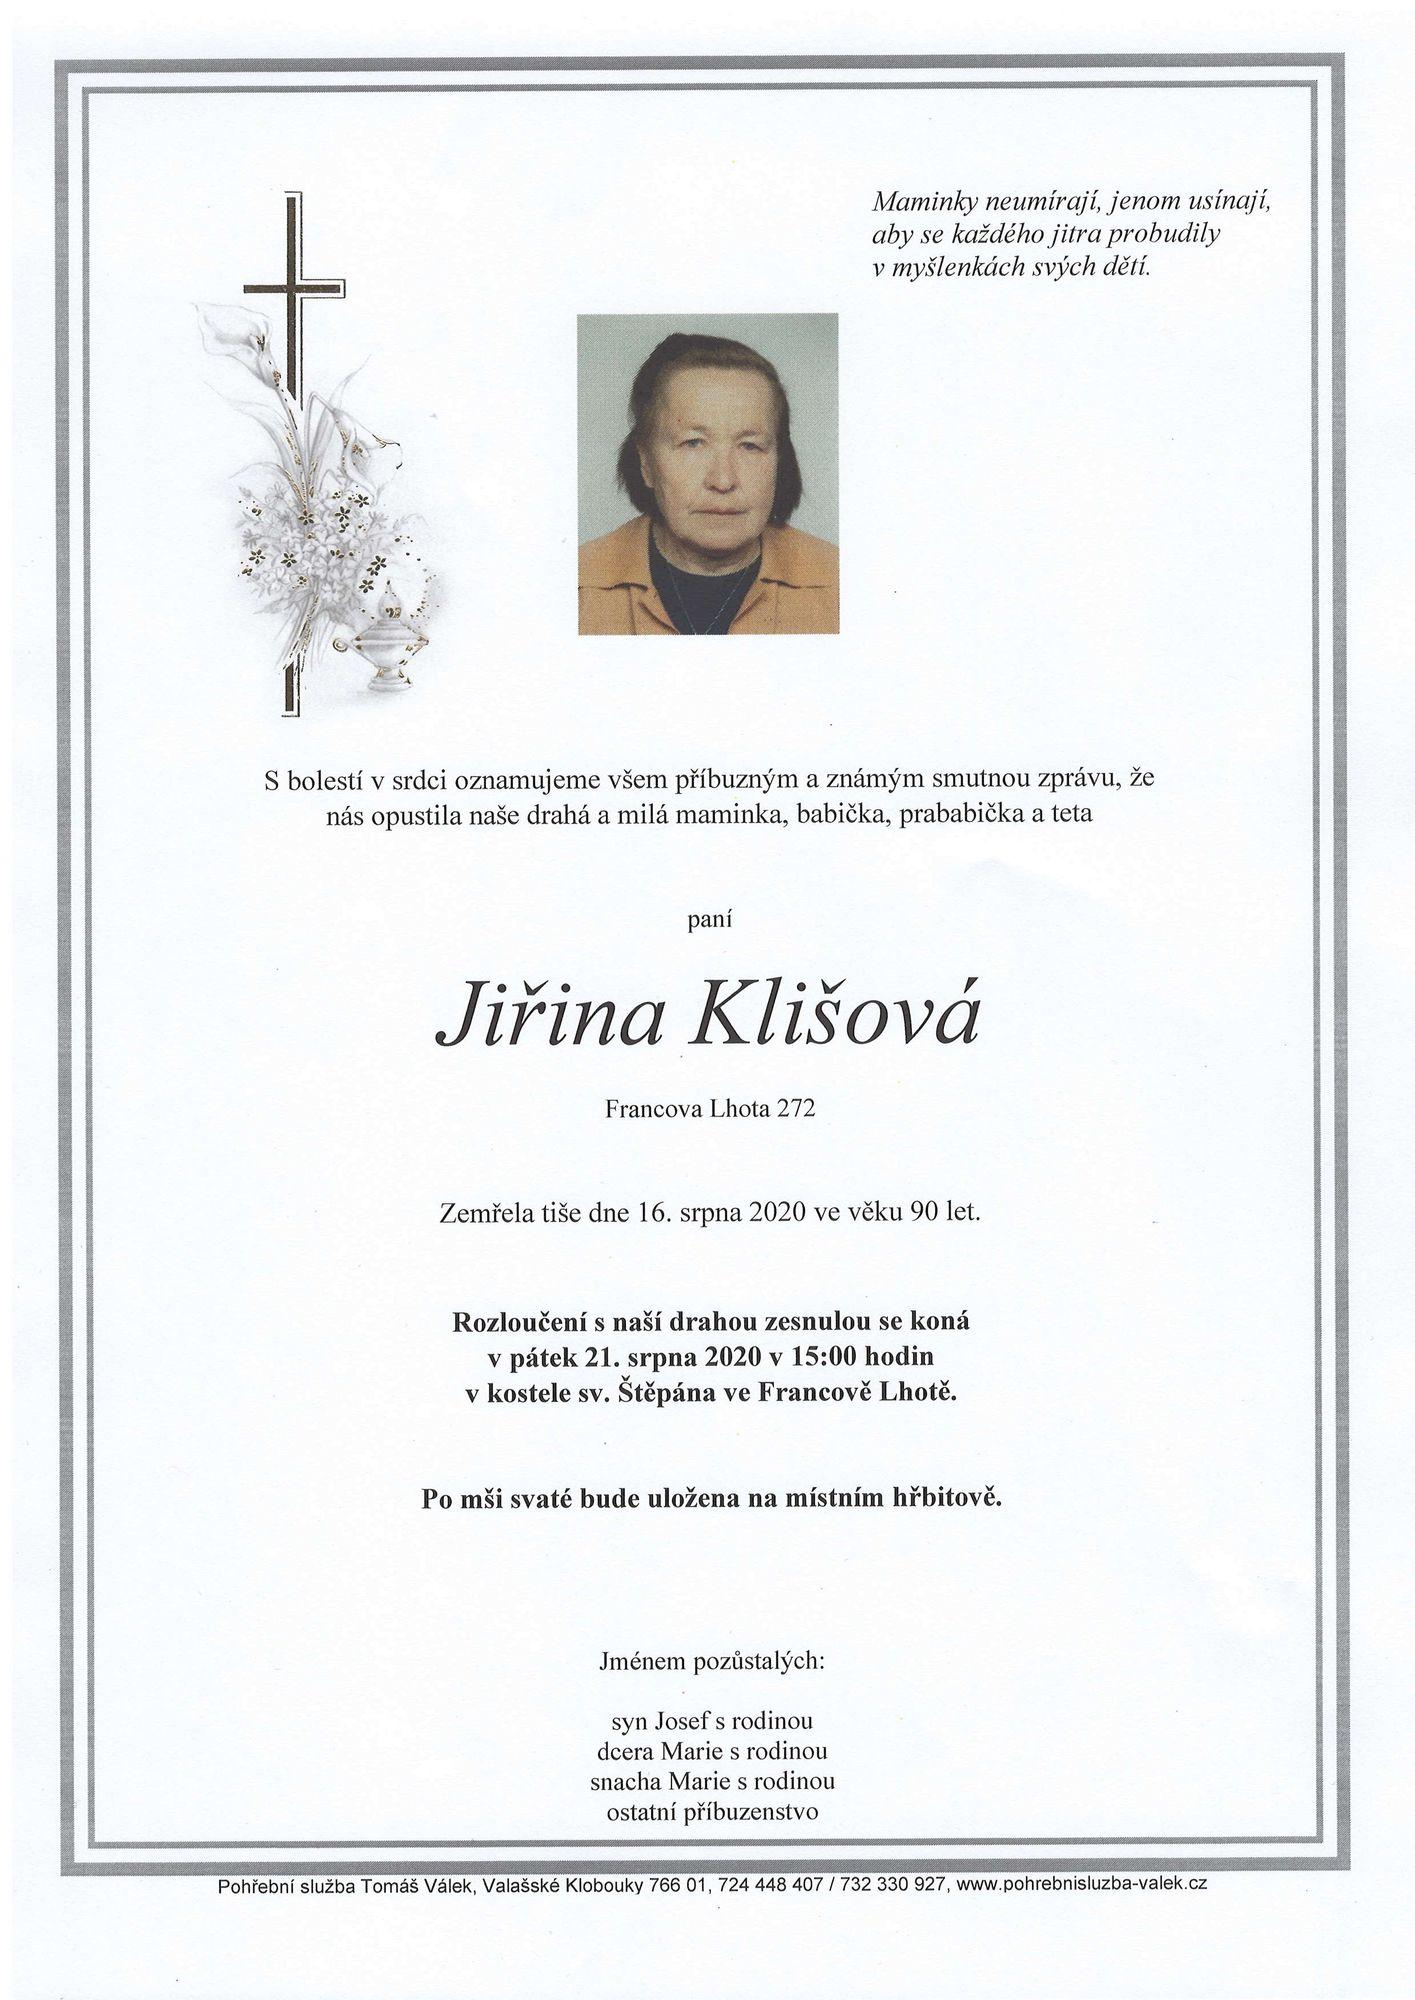 Jiřina Klišová